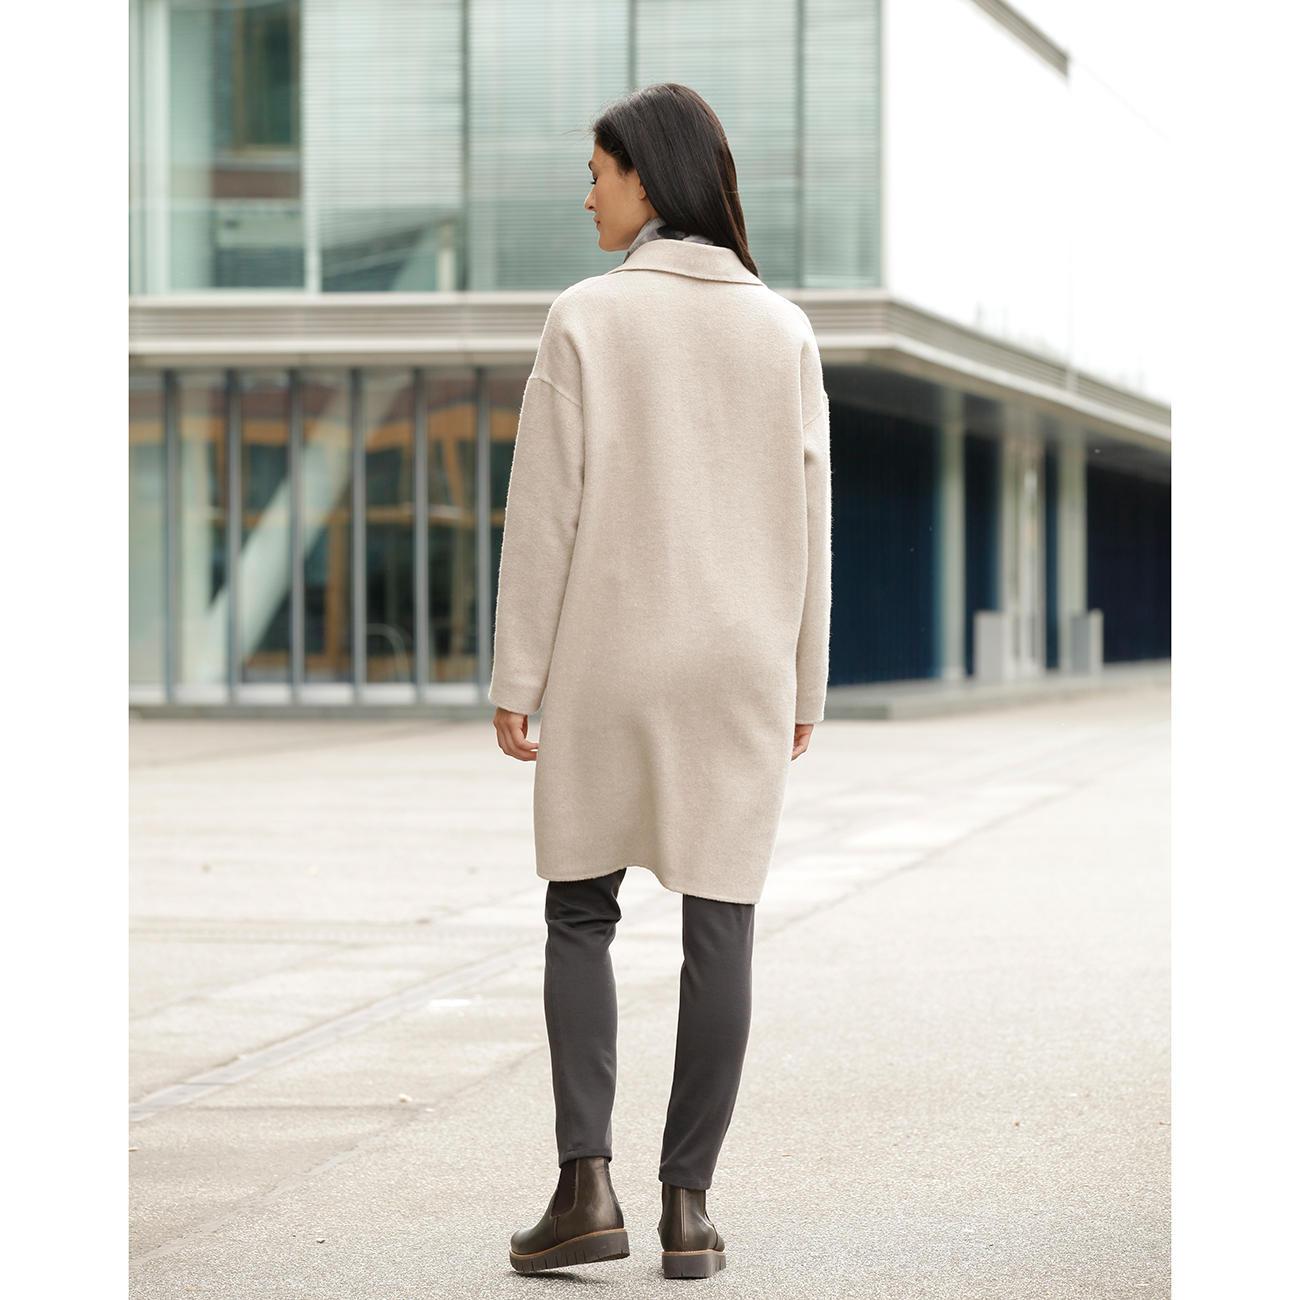 Fesselnd NVSCO Oversize Mantel Der Eine Mantel Für Alle Outfits Und Jede  Gelegenheit. Unschlagbar Vielseitig